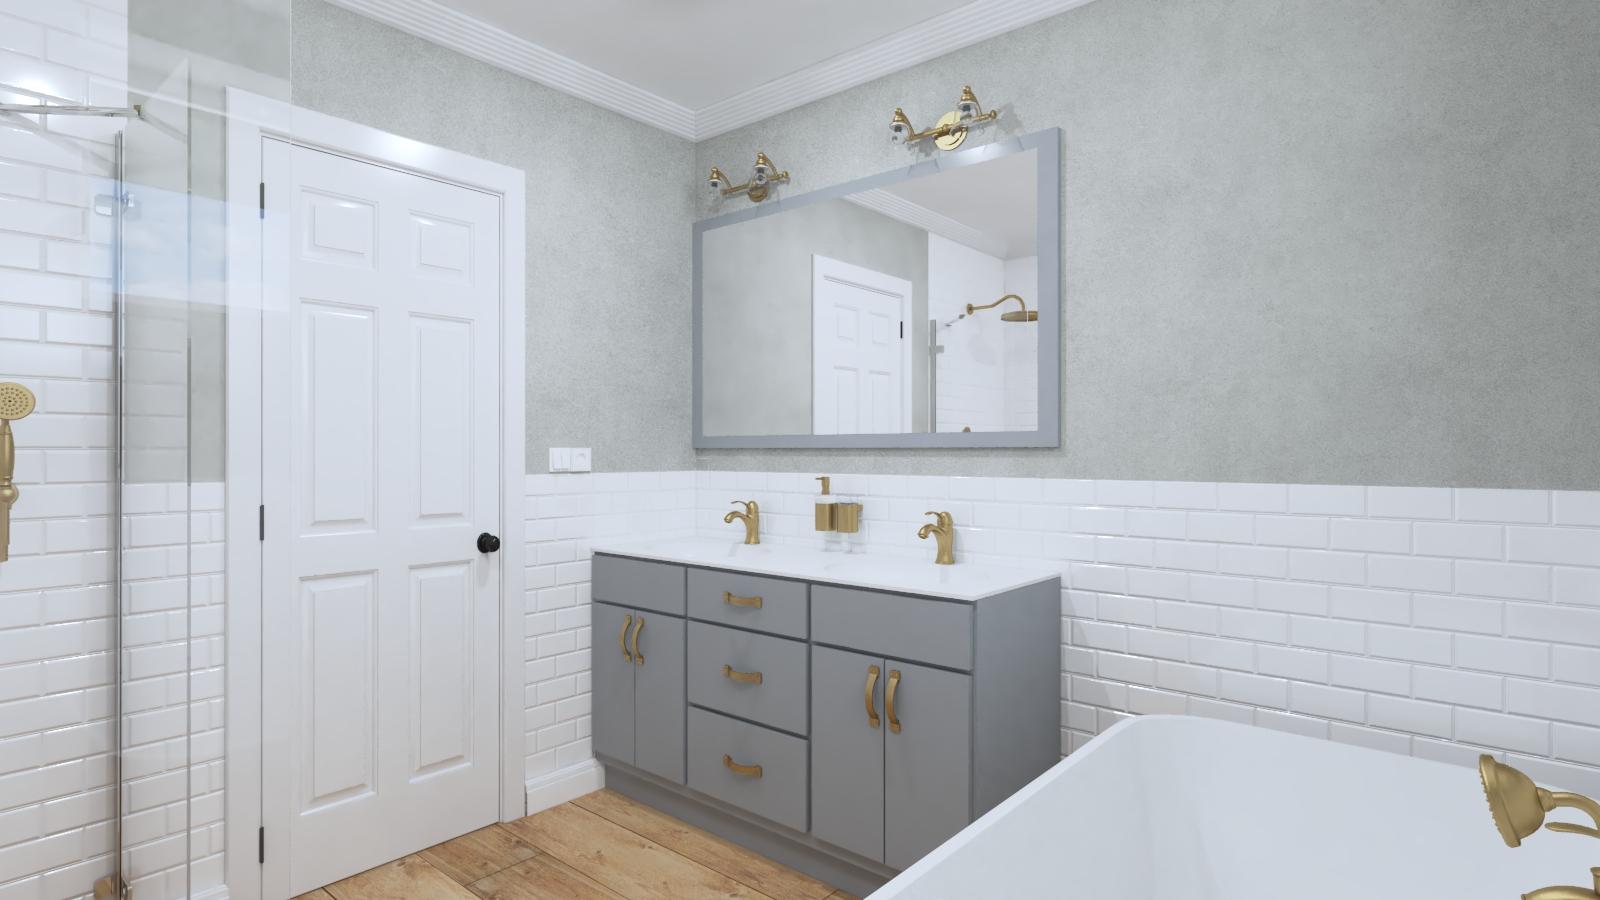 industriálna kúpeľňa so šedou skrinkou s dvojumývadlom, voľne stojaca vaňa, omietka na stene